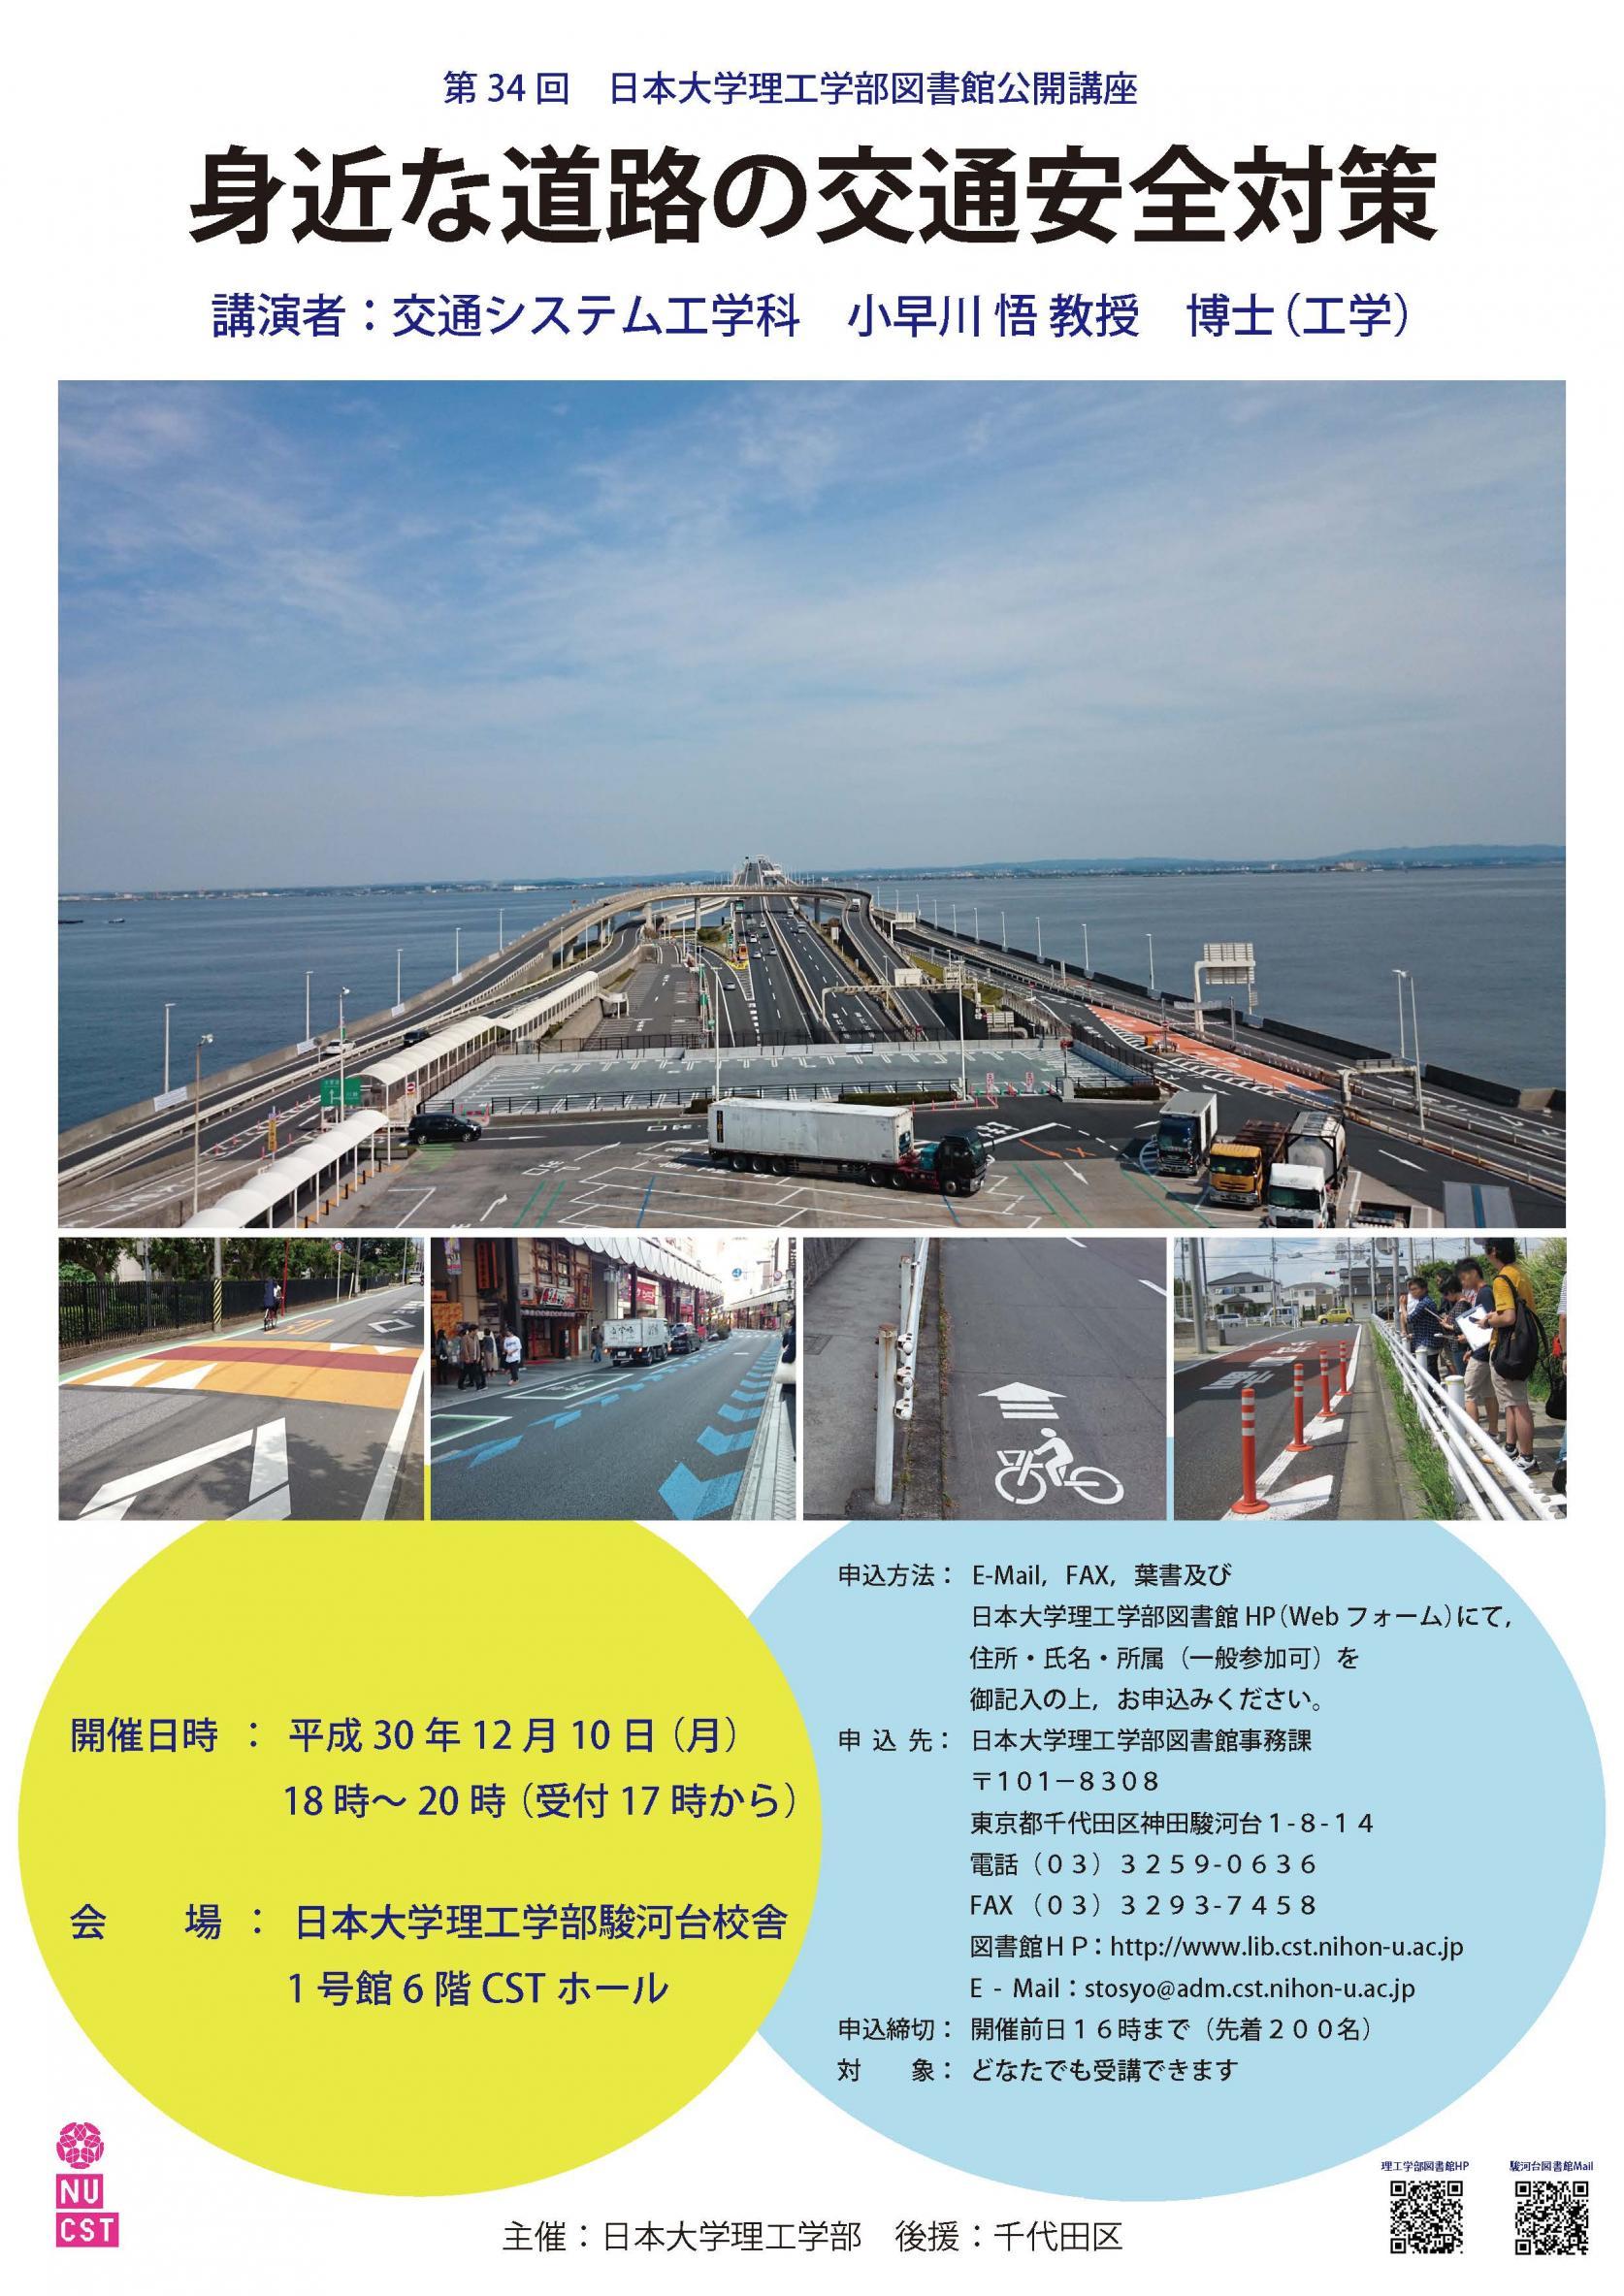 第34回日本大学理工学部図書館公開講座「身近な道路の交通安全対策」